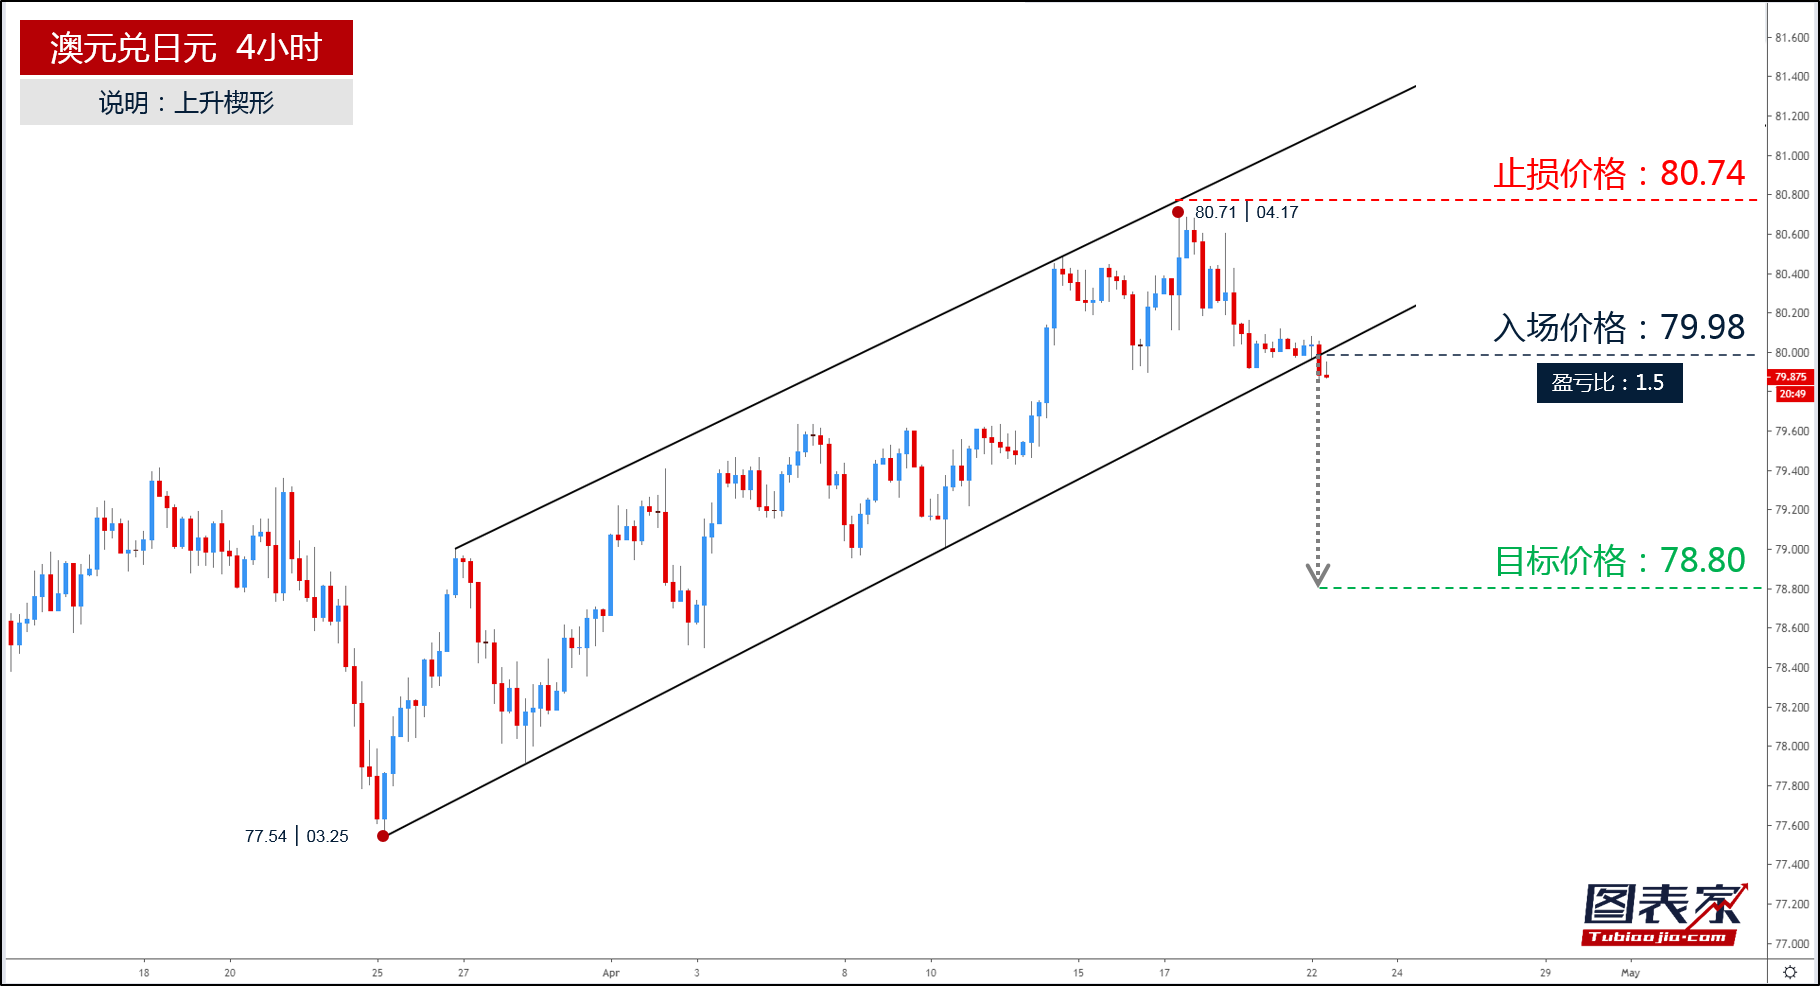 澳元兑日元跌破楔形下轨,目标见78.80-图表家